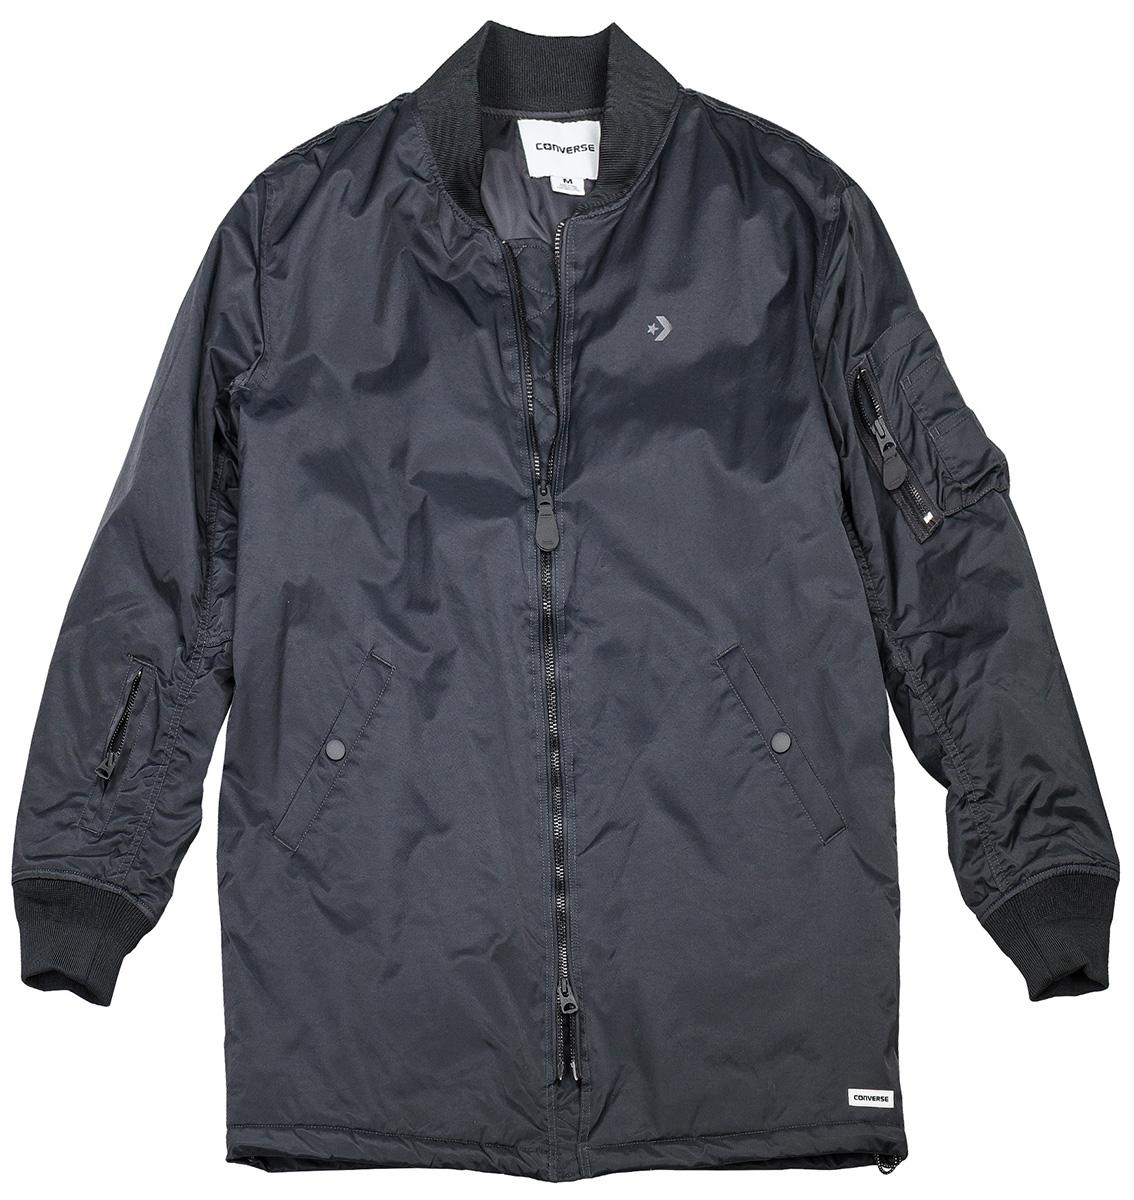 Куртка женская Converse Cons Varsity Coaches Jacket, цвет: черный. 10005114001. Размер XS (44)10005114001Удобная женская зимняя куртка Converse Cons Varsity Coaches Jacket - это сочетание стиля и комфорта, благодаря хлопку, она согреет вас в прохладную погоду, а нейлону, позволит выделиться из толпы. Модель на молнии изготовлена из износоустойчивого материала. Имеет резинки на манжетах и множество карманов.